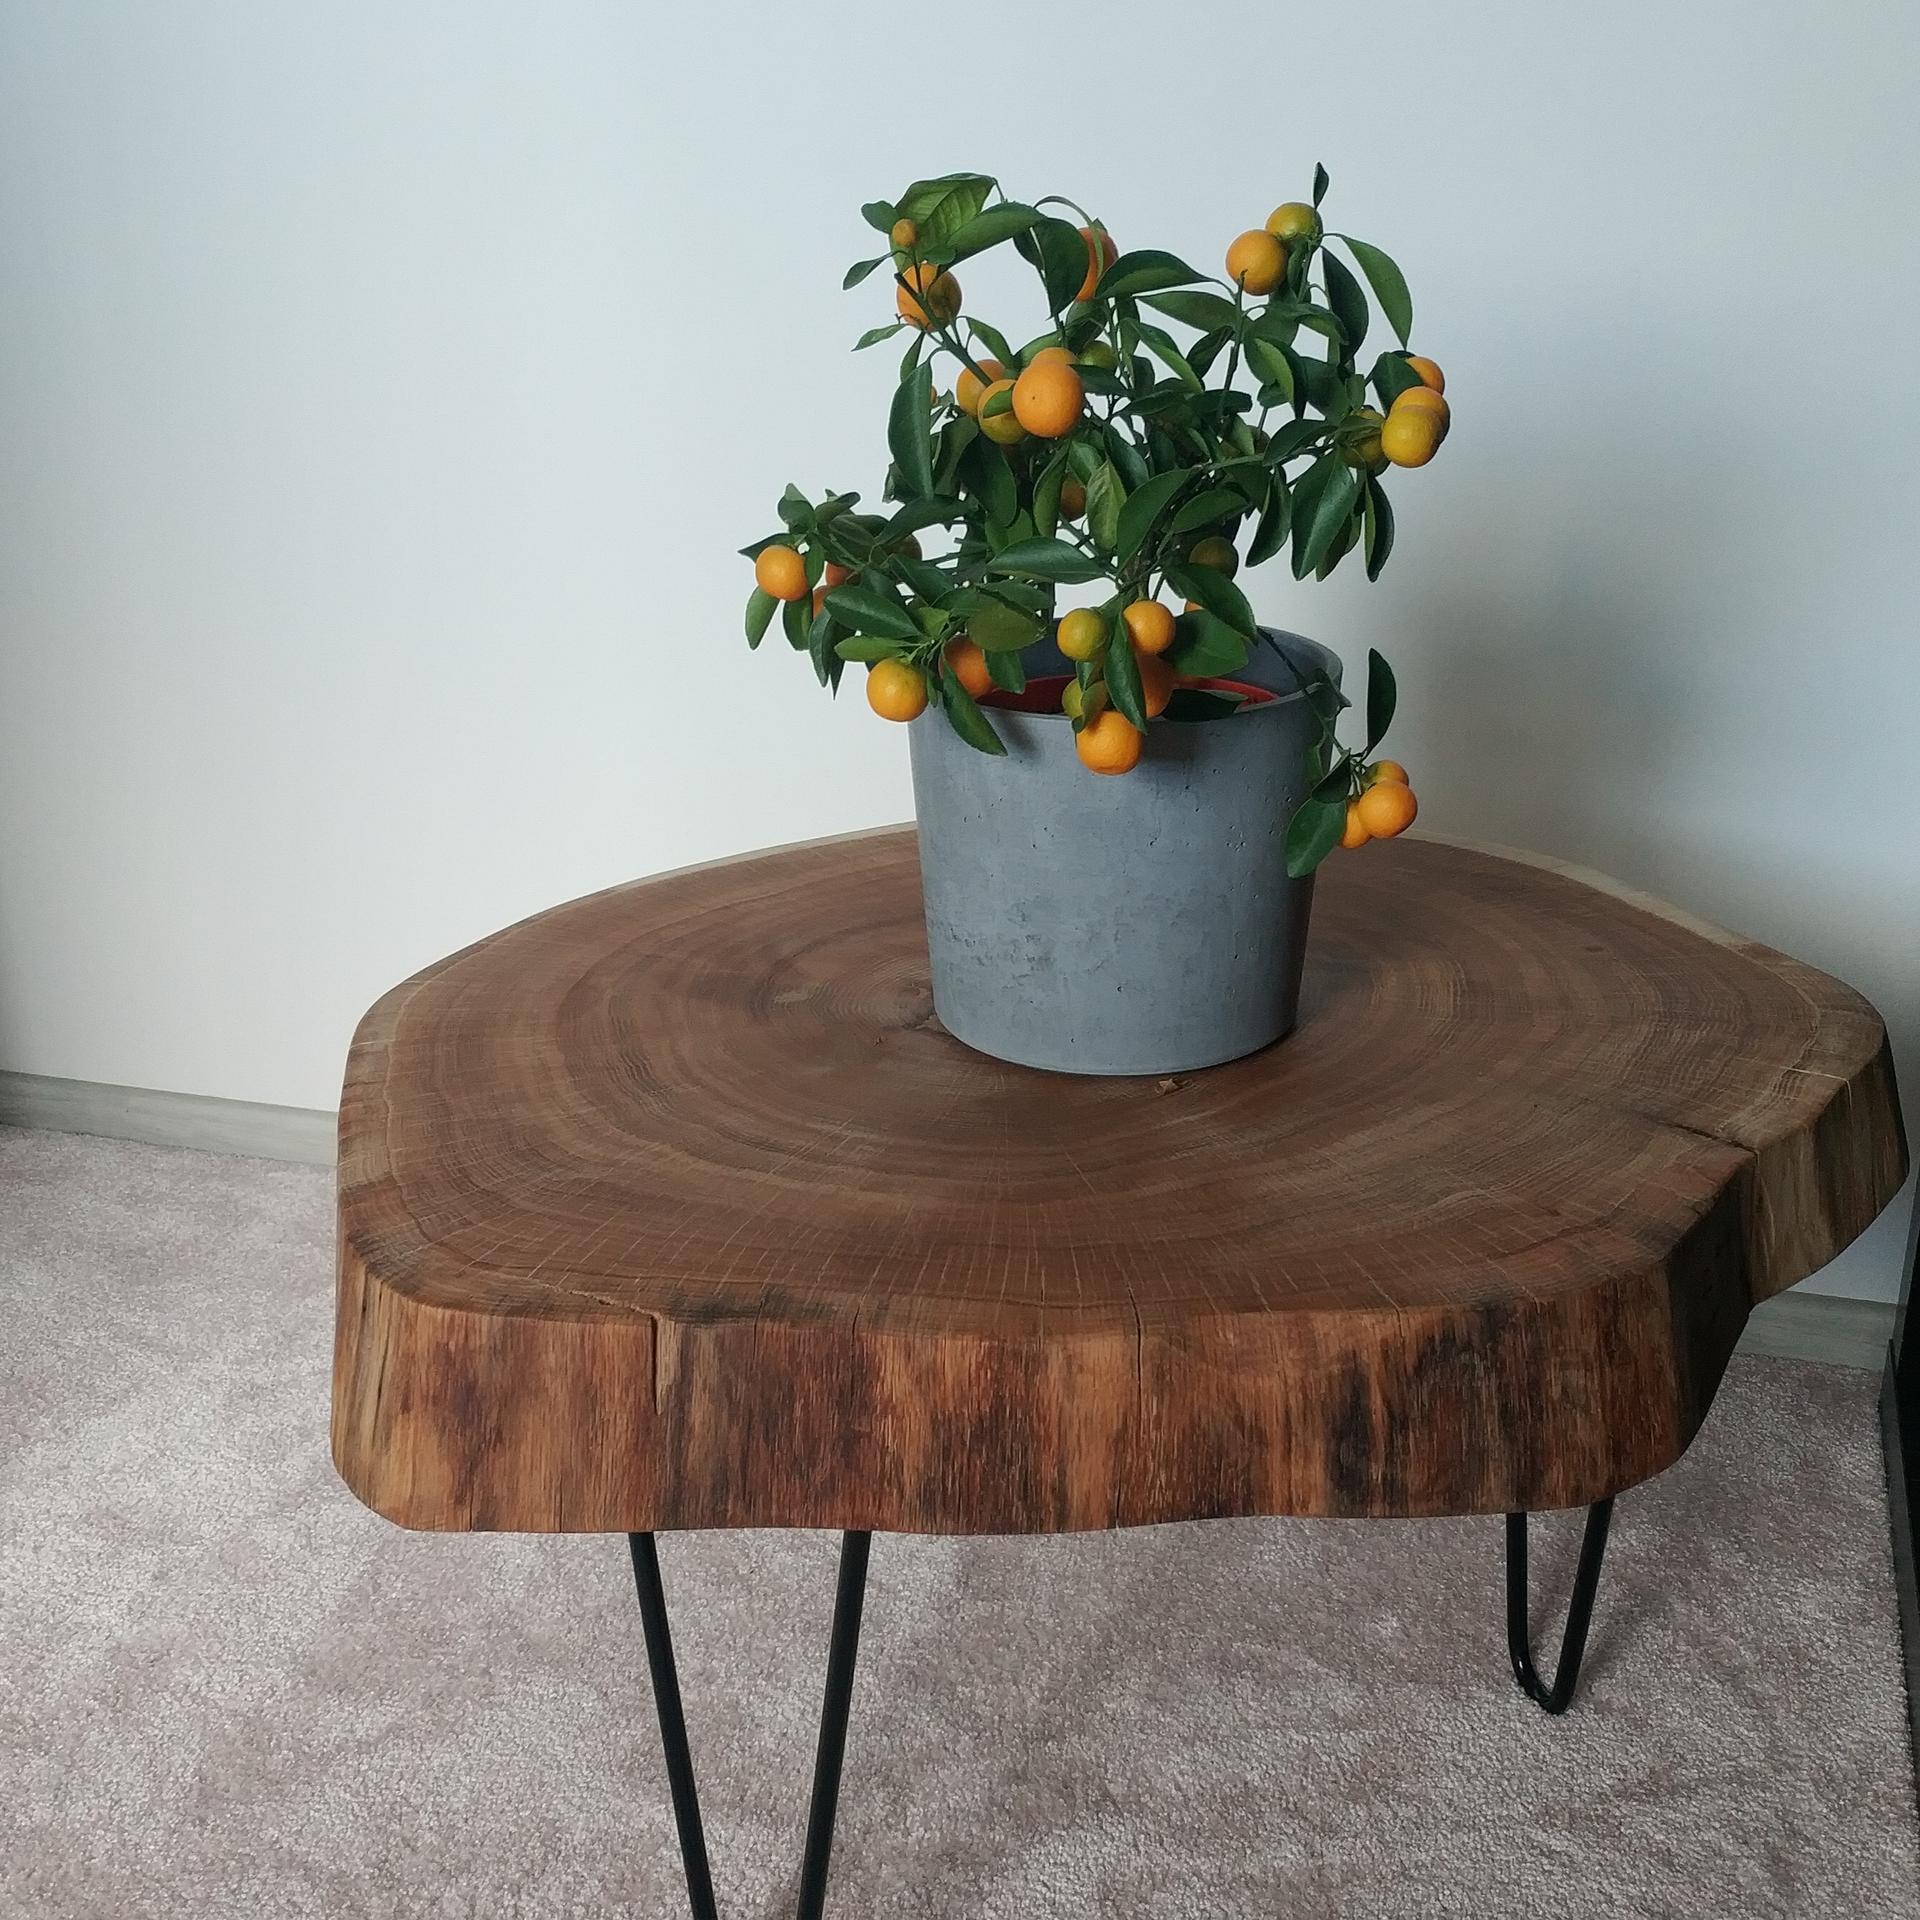 Nové stolky od taťky #handmade ♥️♥️♥️ - Obrázek č. 1